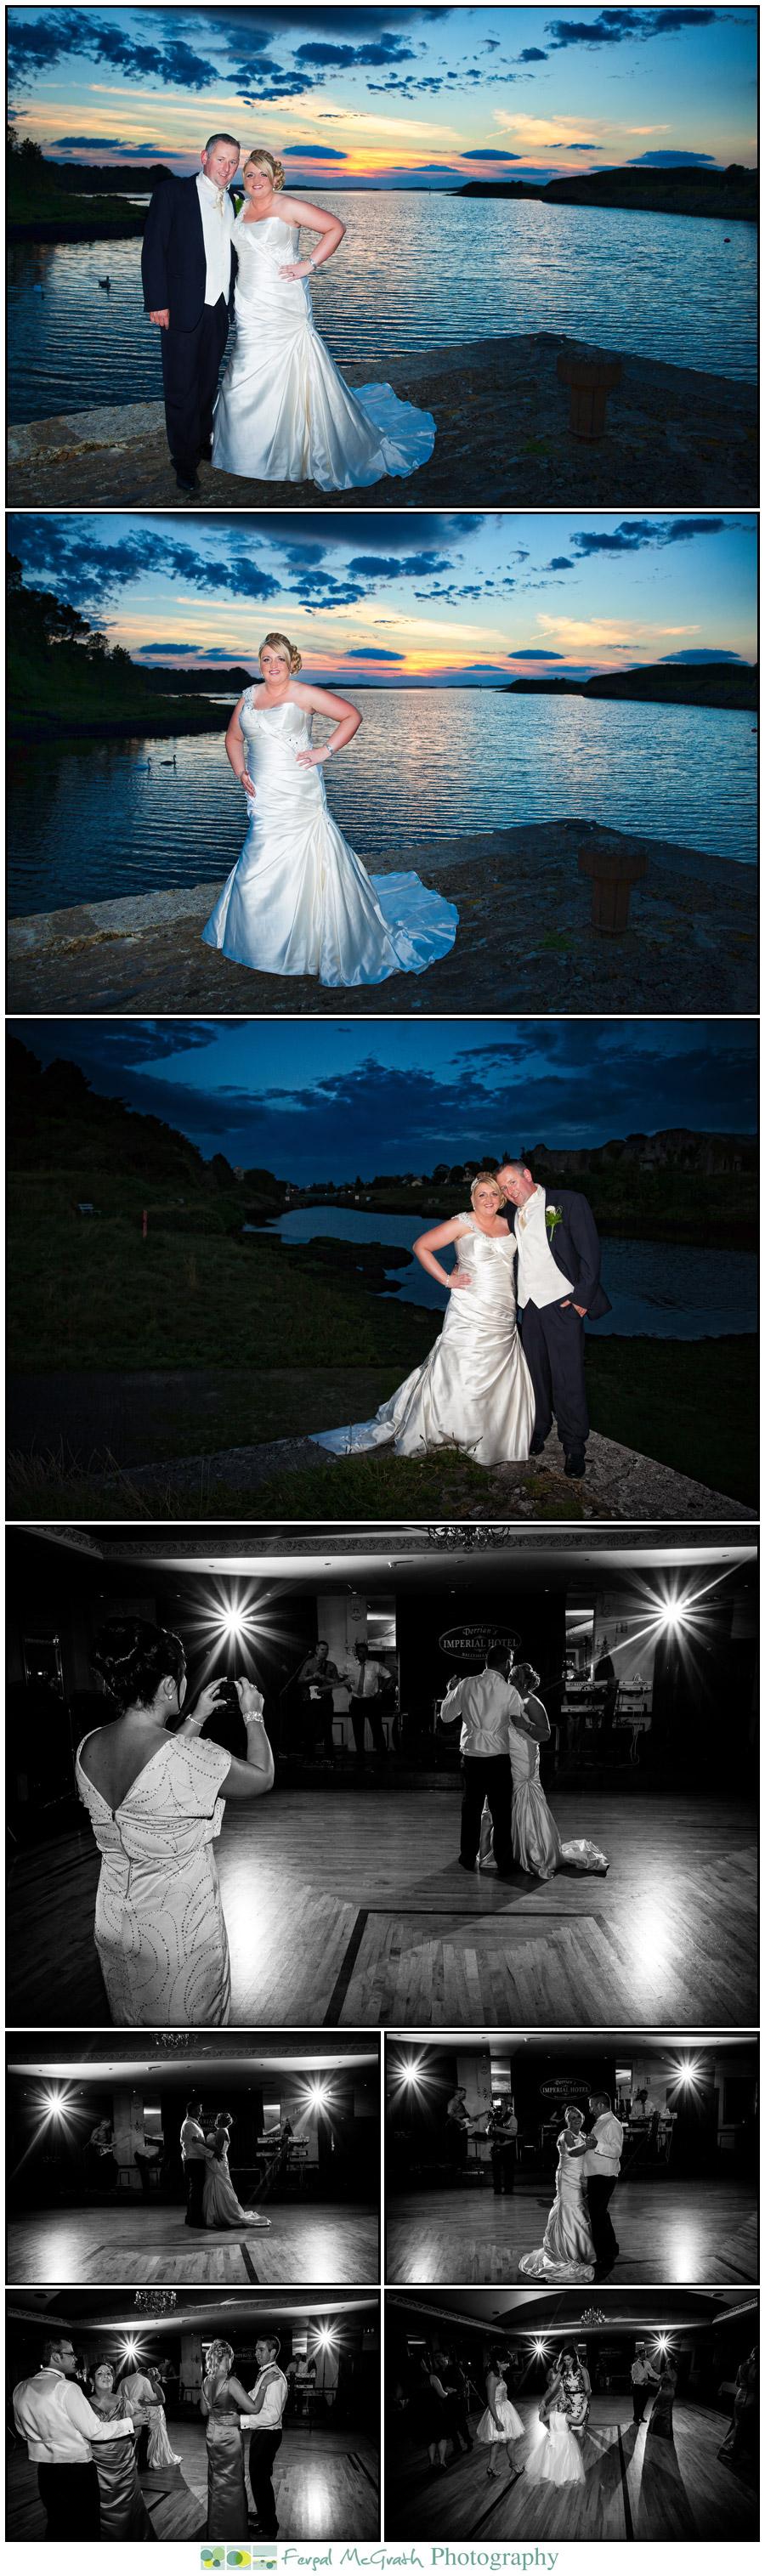 Diane and Martin Gavigan wedding photos 7